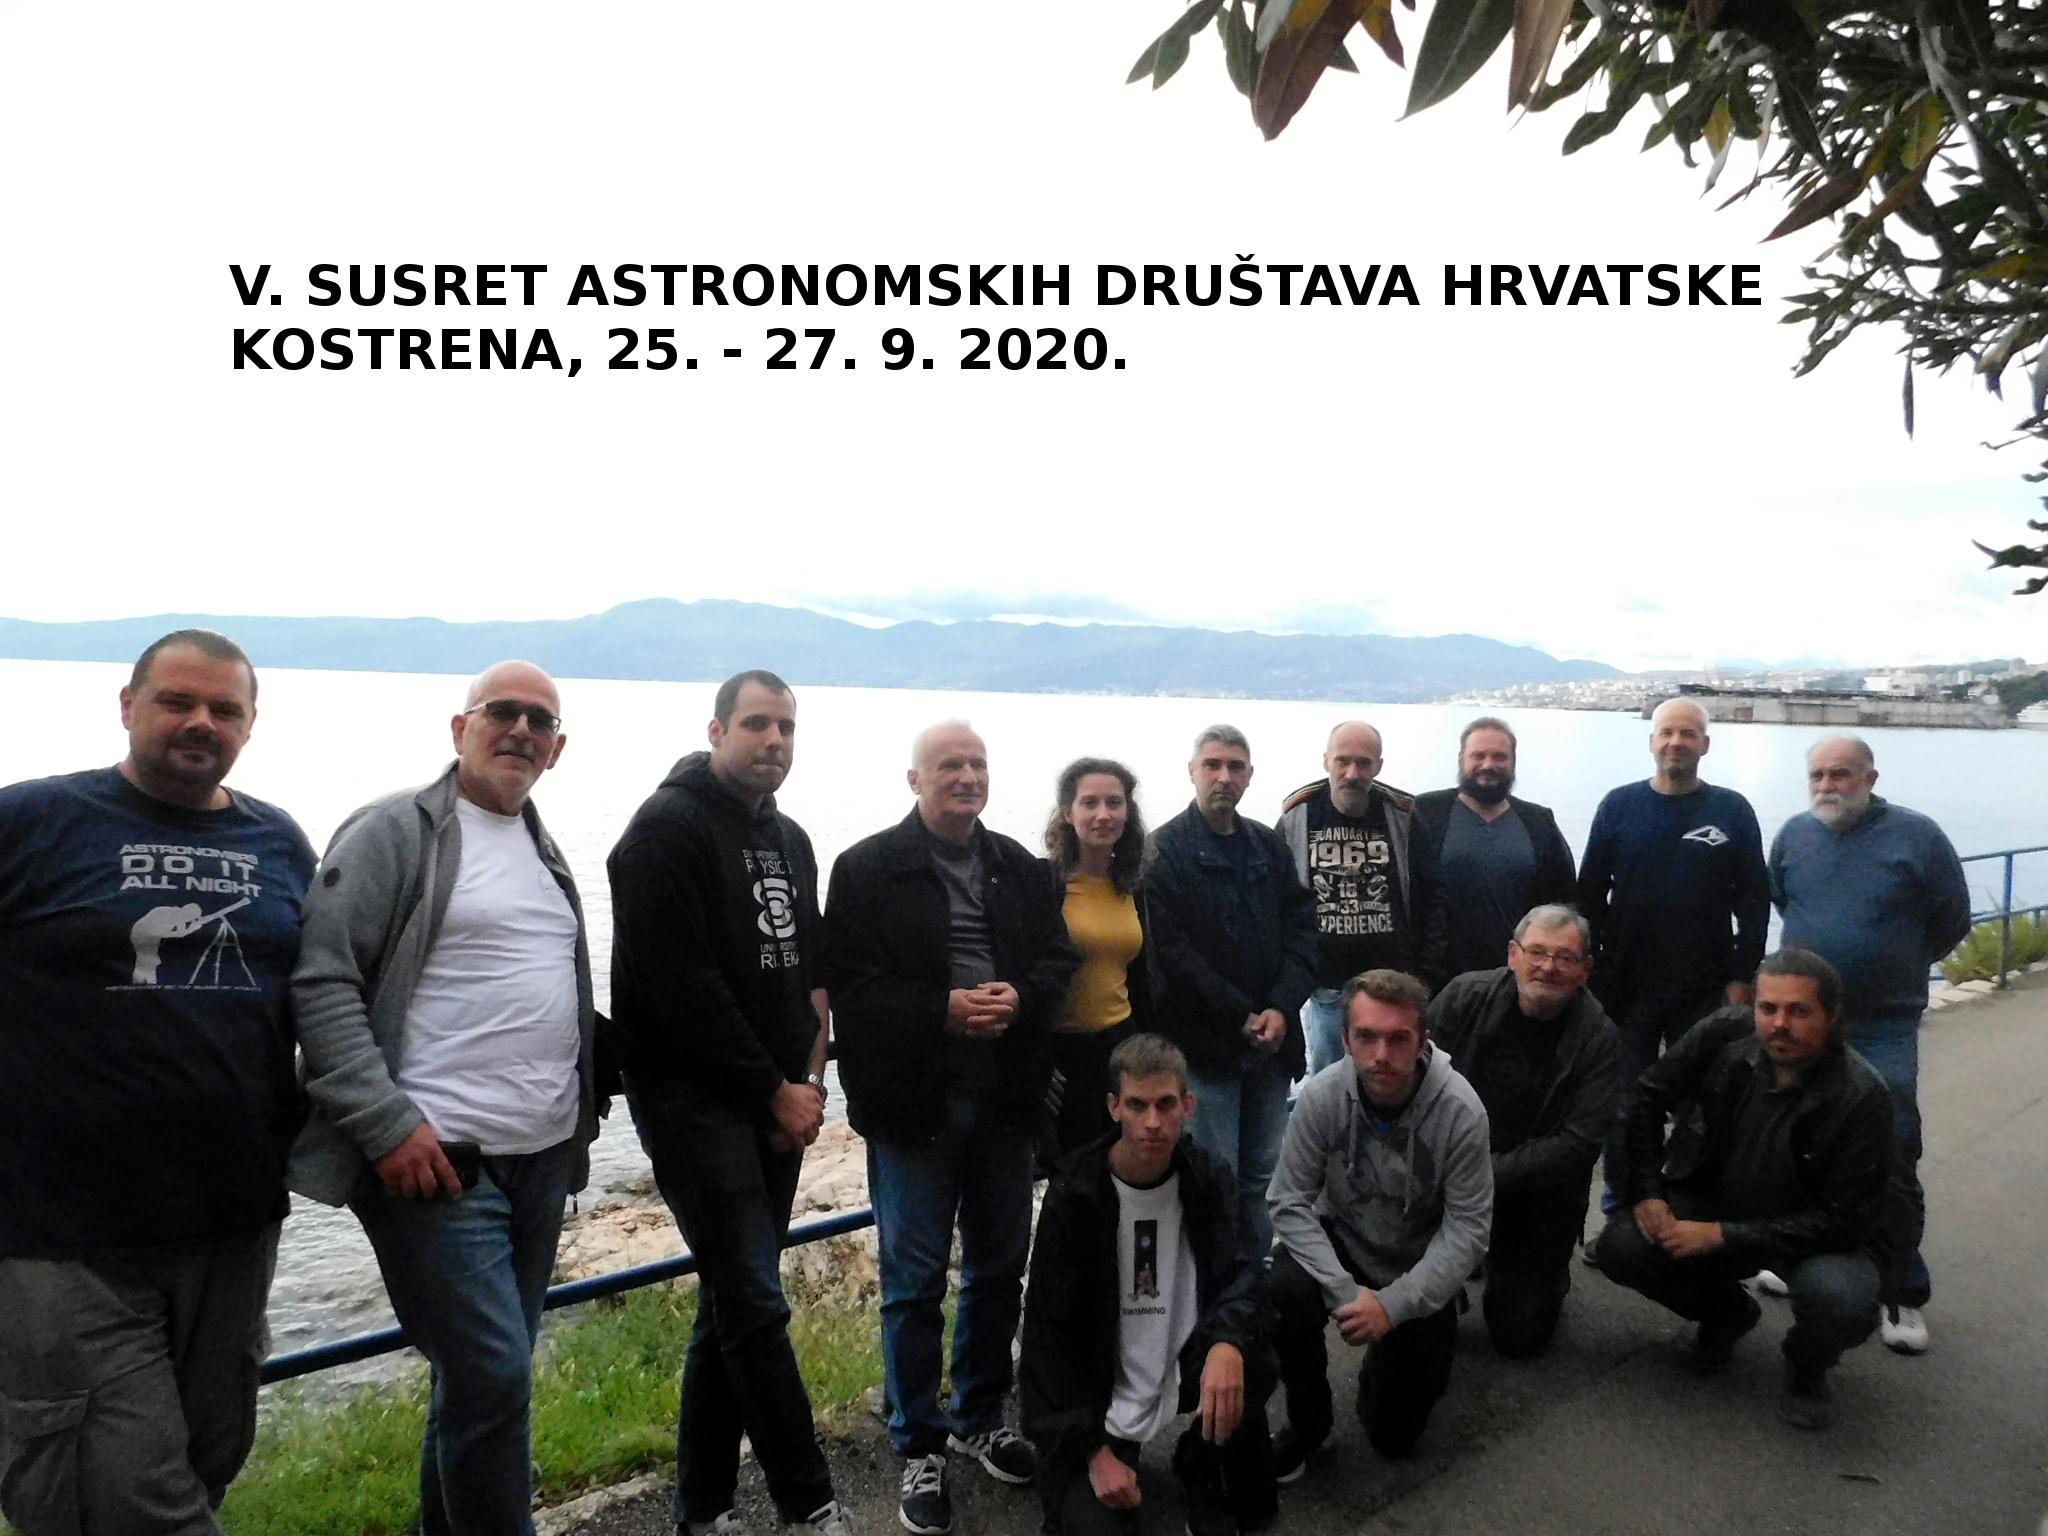 Održan 5. susret astronomskih društava Hrvatske